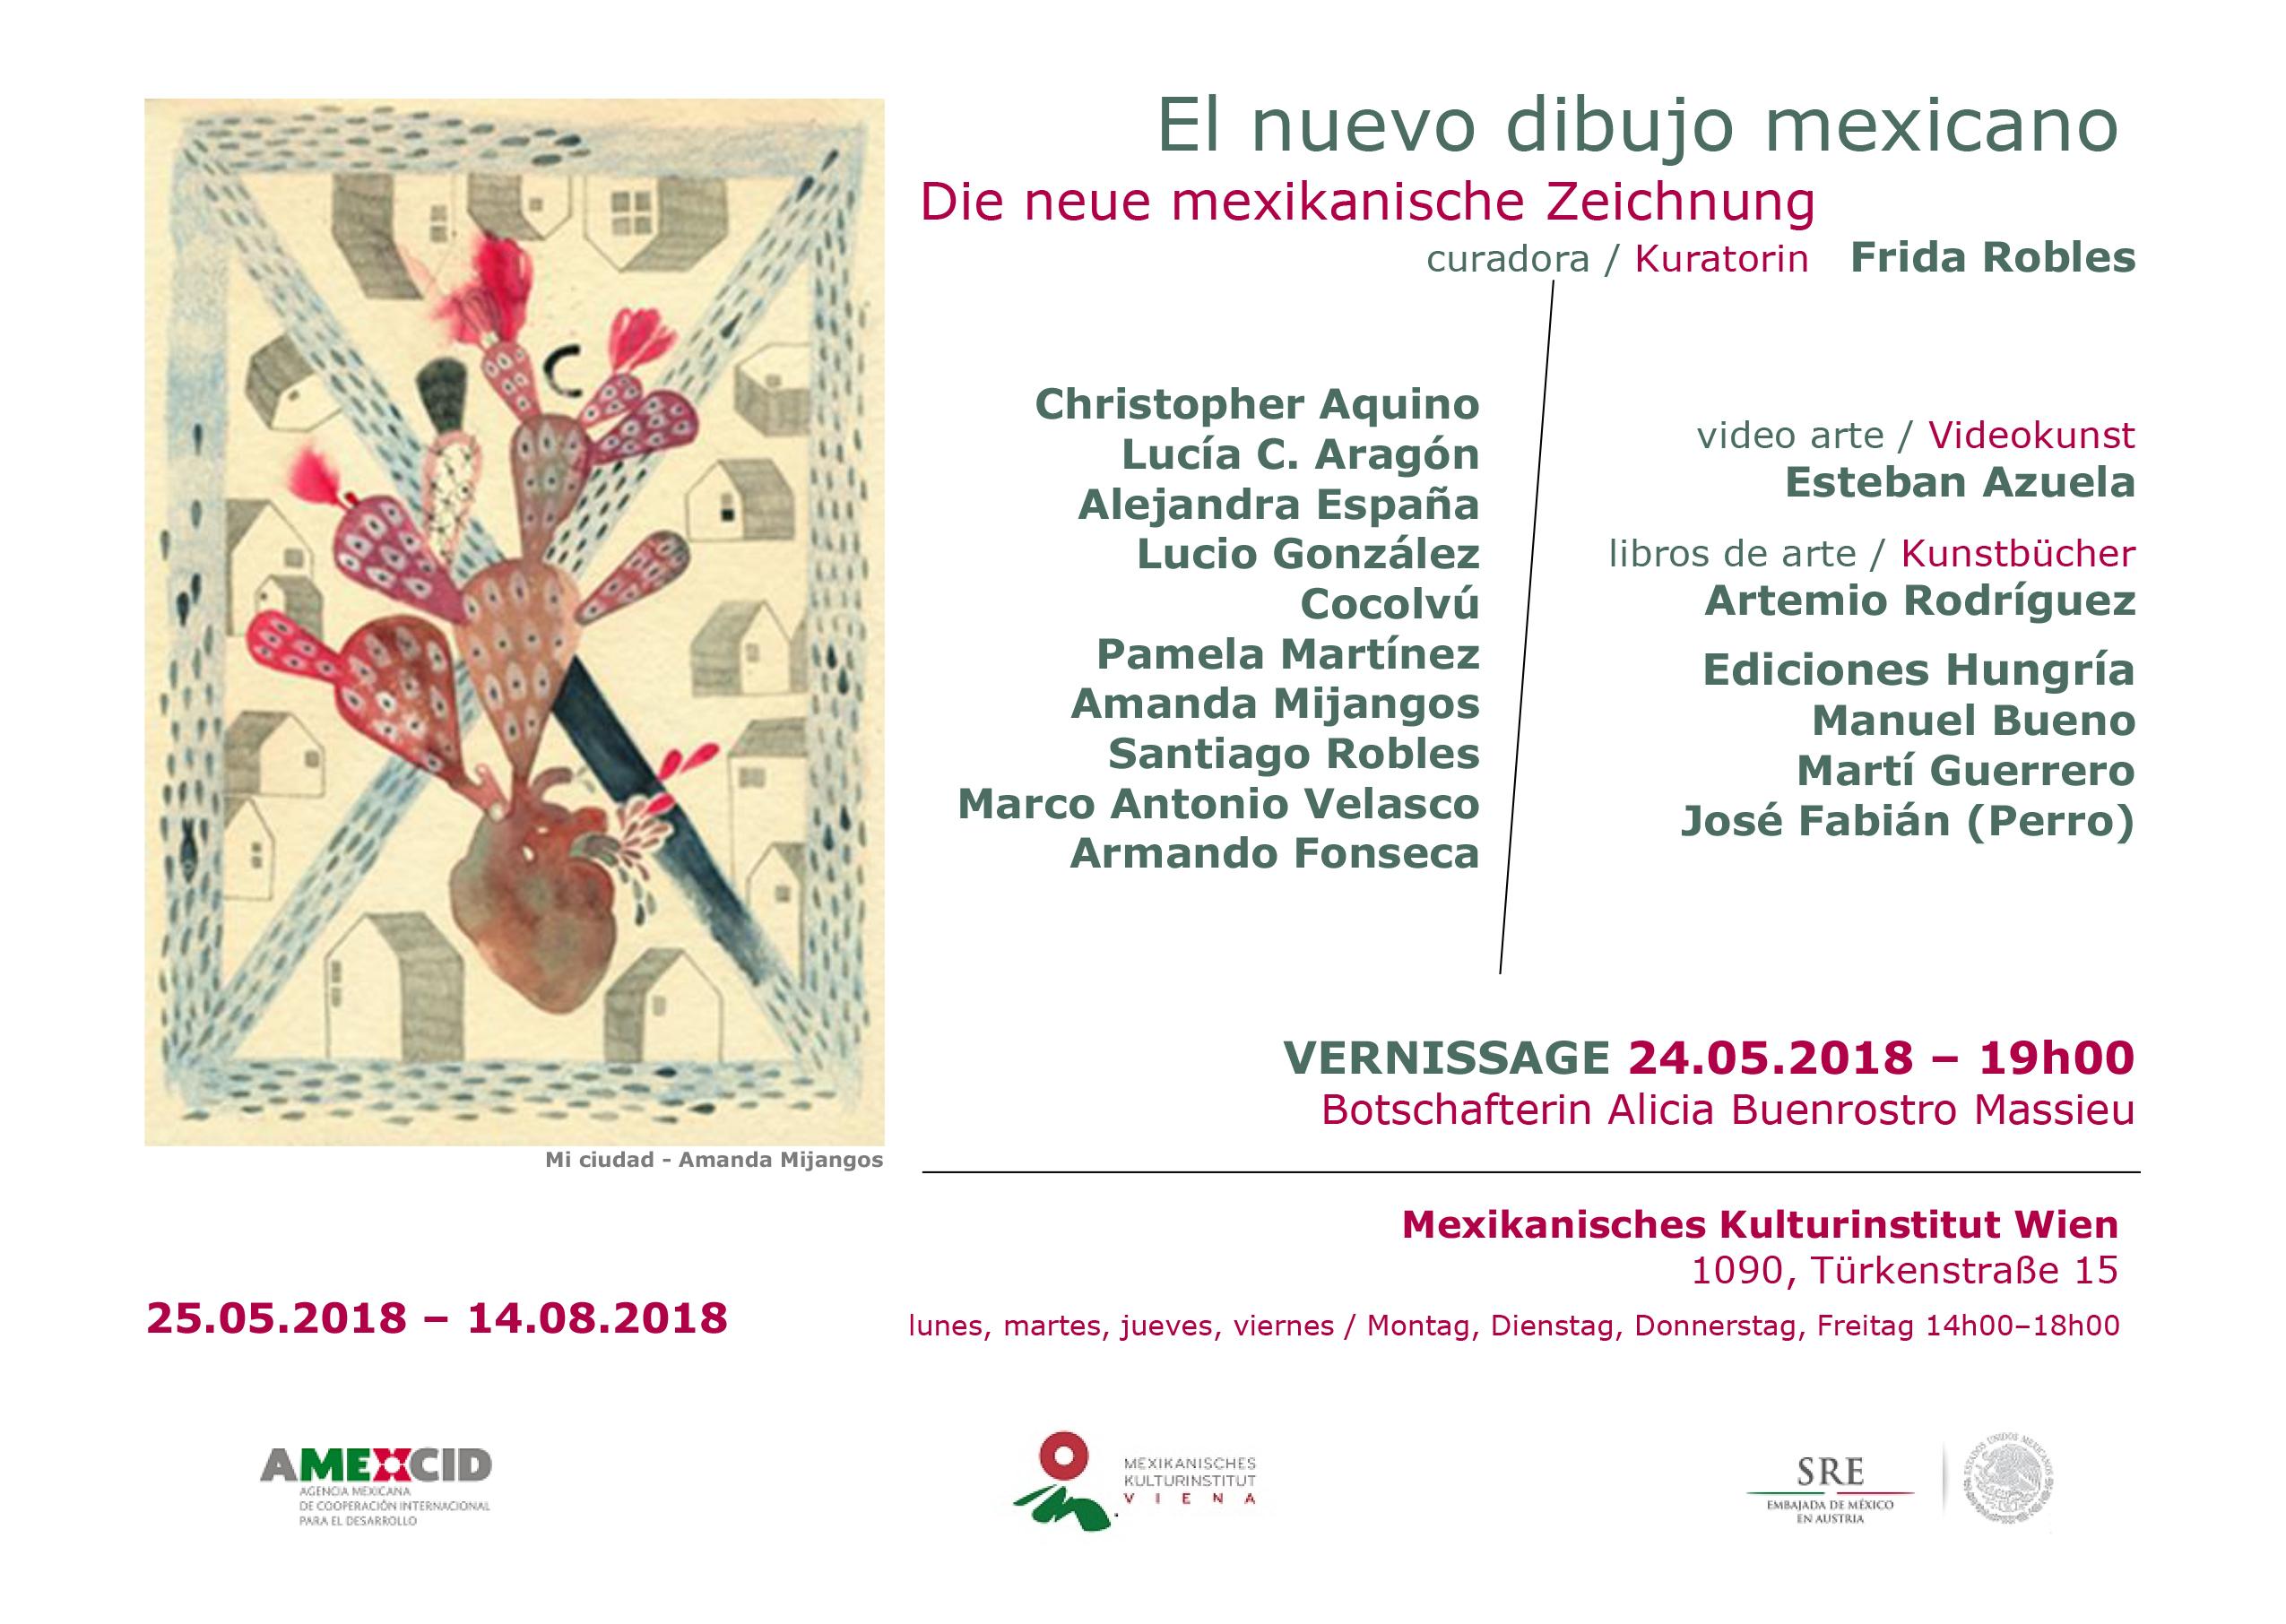 El nuevo dibujo mexicano